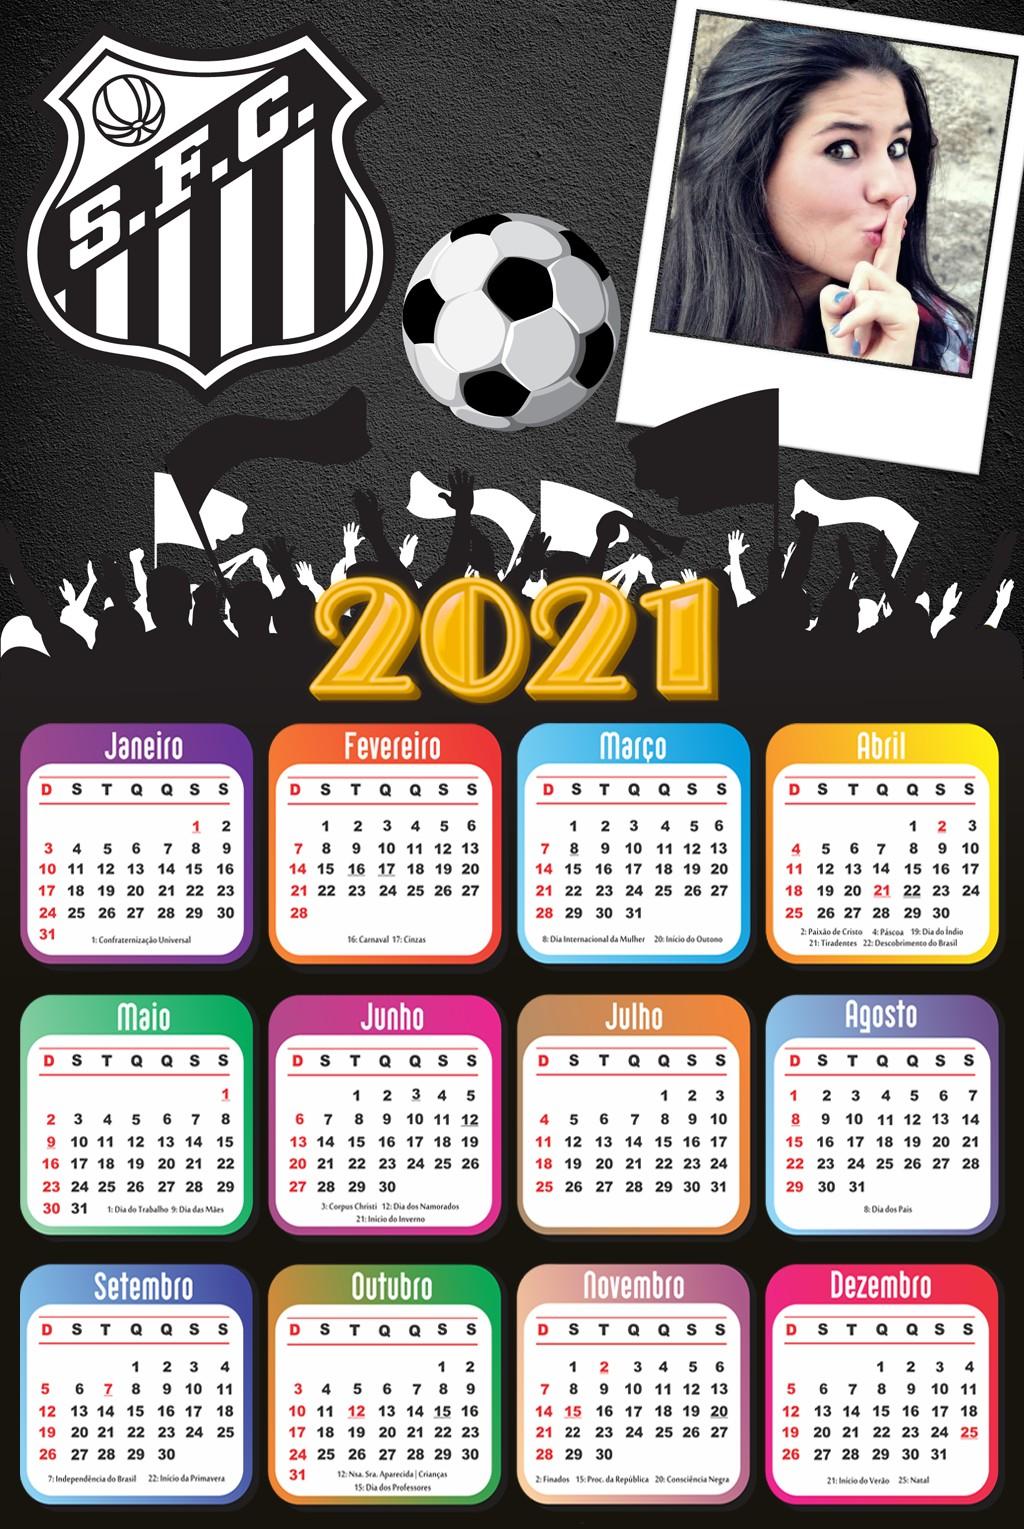 calendario-com-foto-2021-santos-futebol-clube